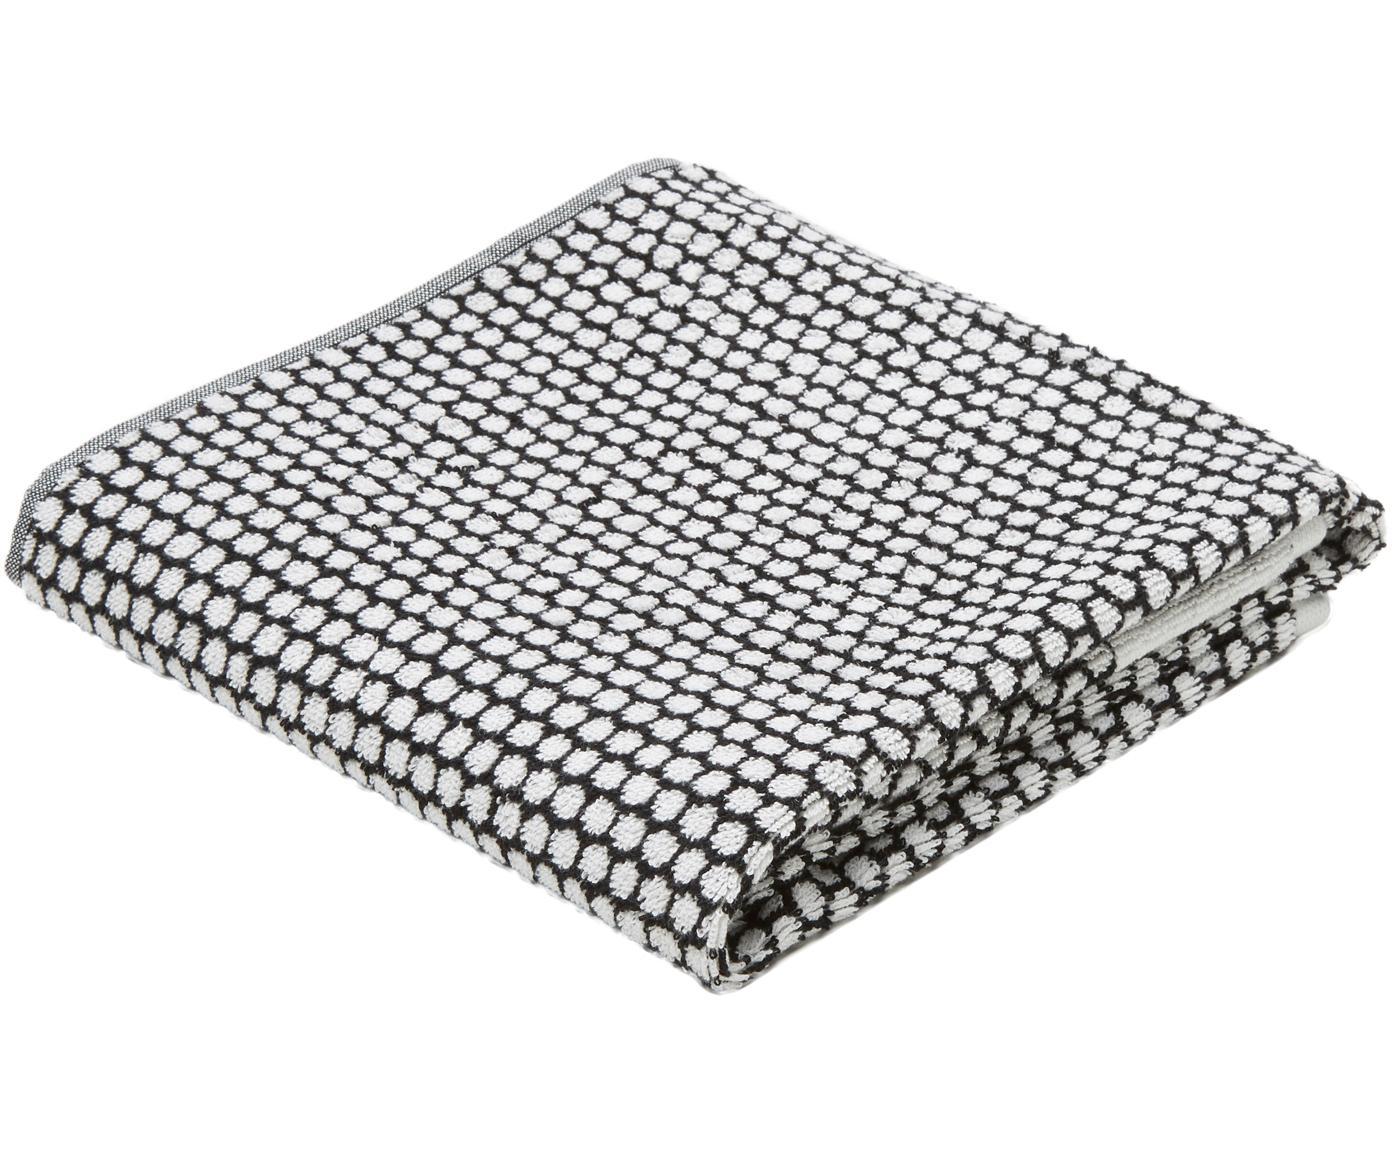 Gepunktetes Handtuch Grid, verschiedene Grössen, Schwarz, Gebrochenes Weiss, Handtuch